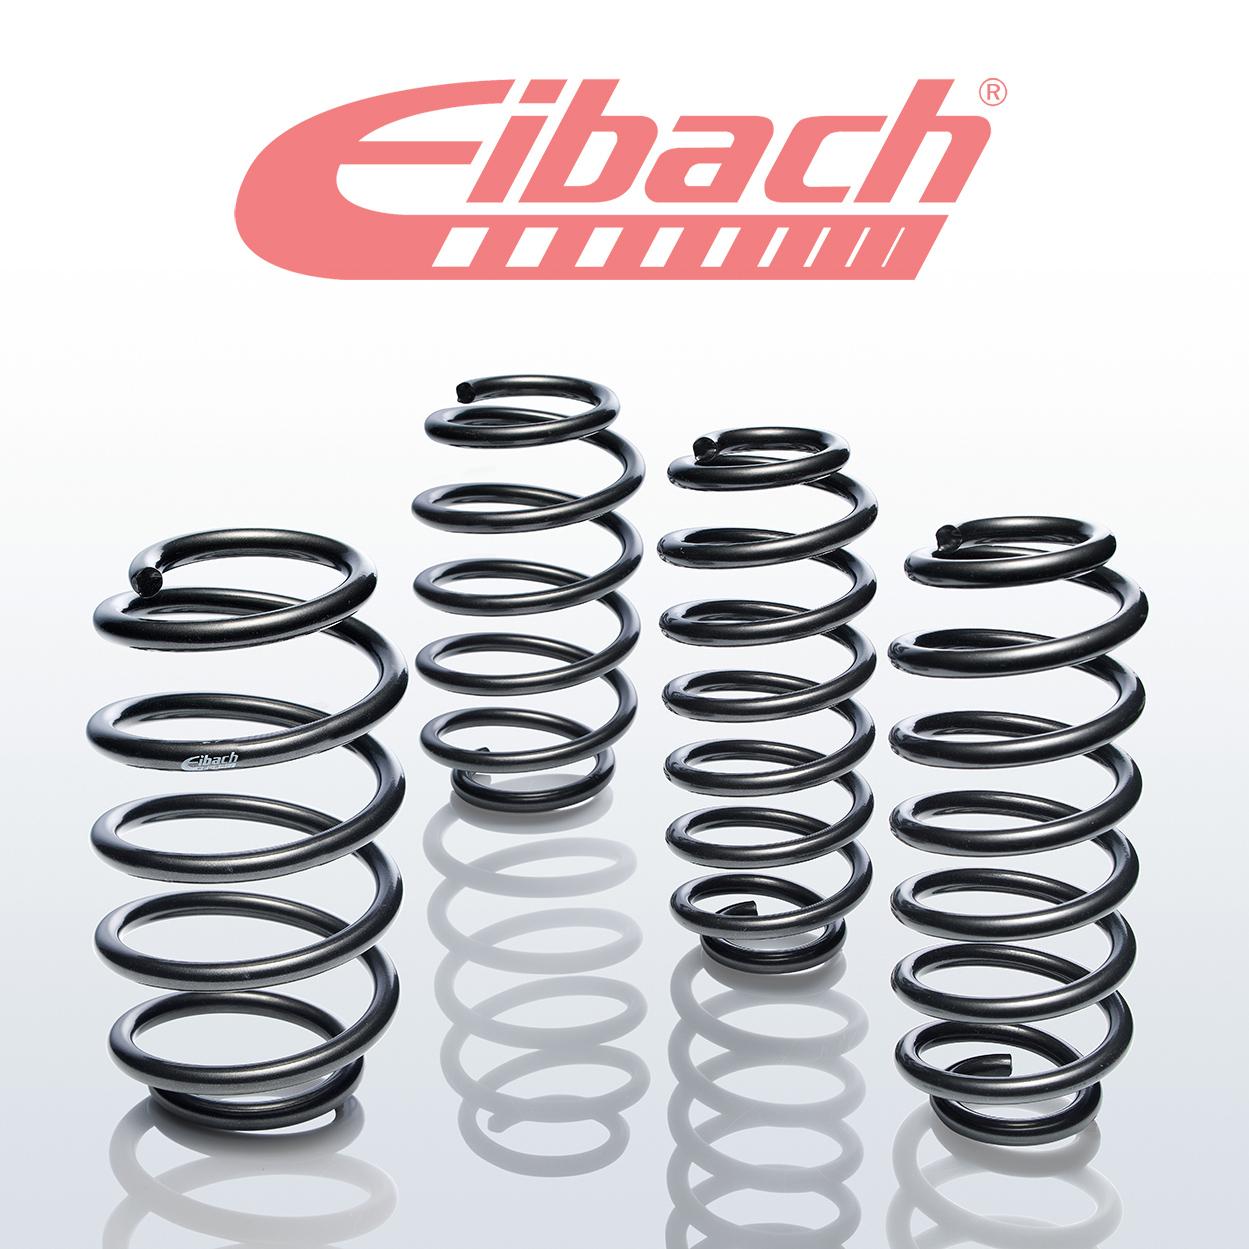 EIBACH BILSTEIN B4 PRO-KIT SPORTFAHRWERK mit ABE 30mm für